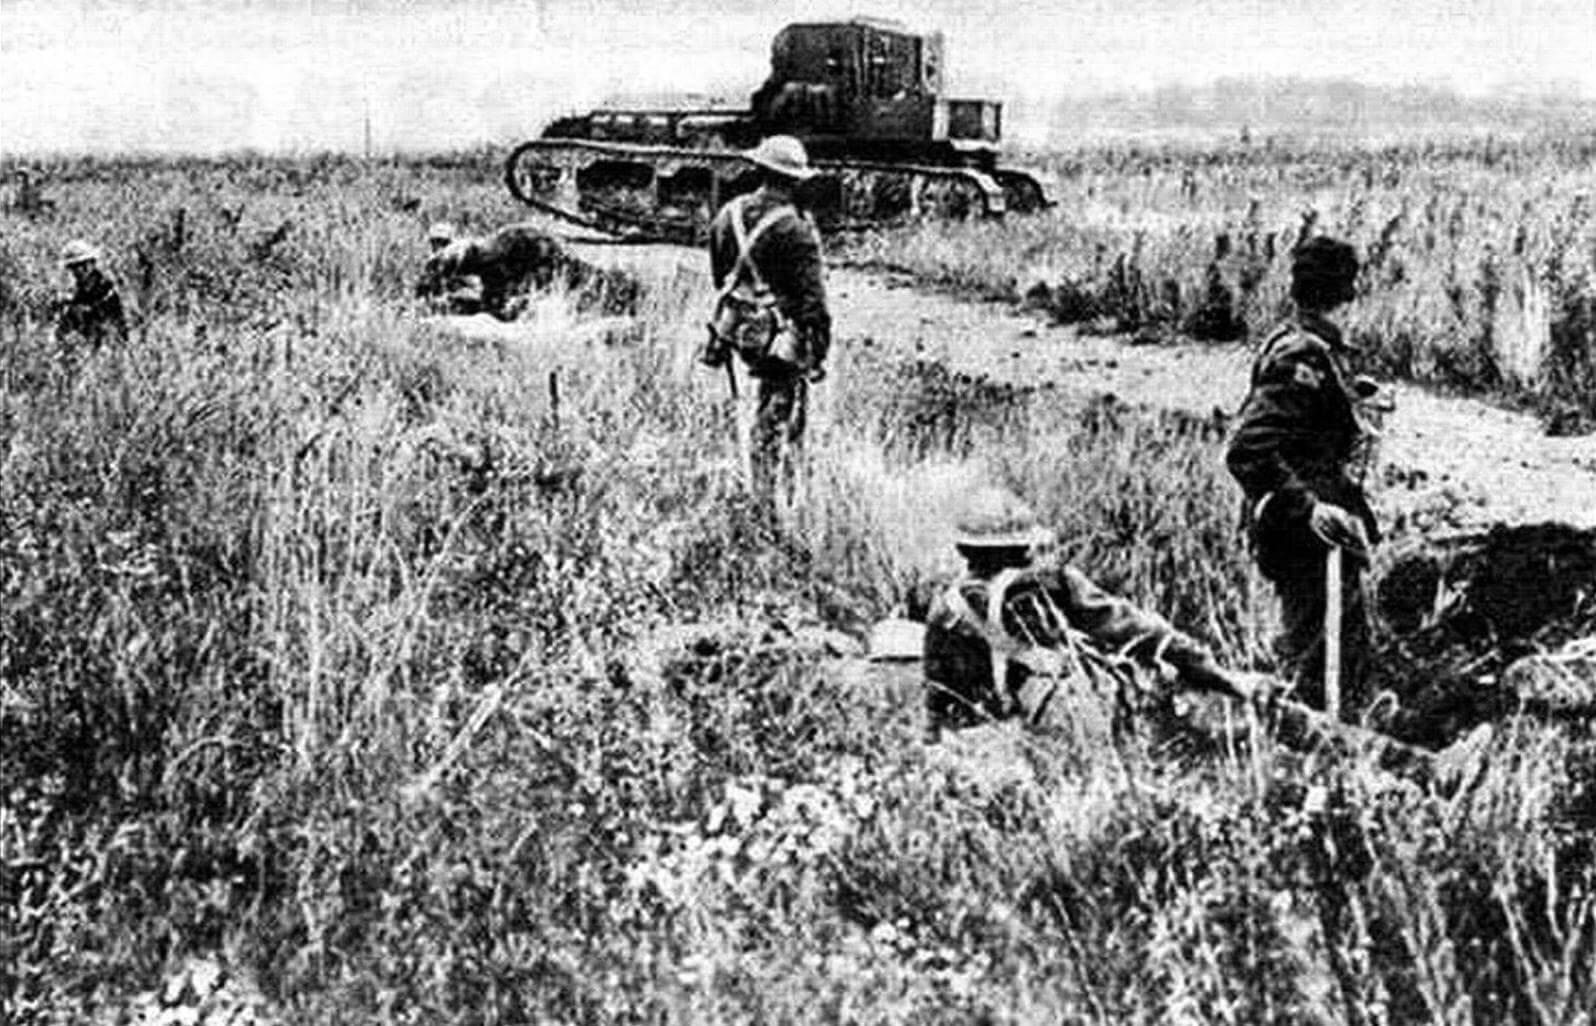 Мk. А Whippet использовали для поддержки английской пехоты во Франции